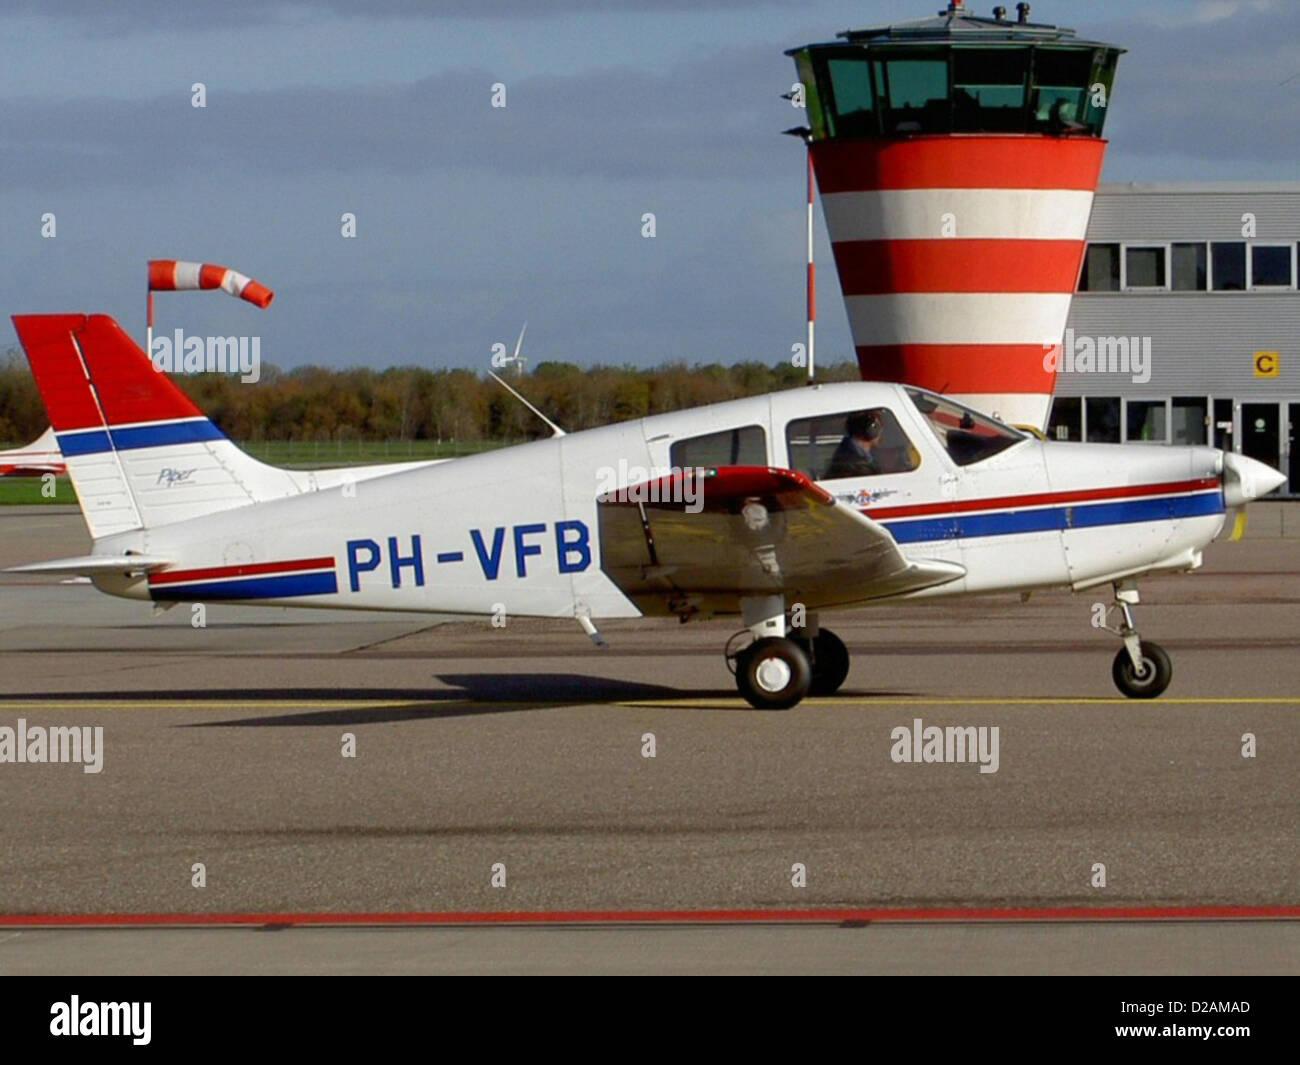 Piper PA-28-161 PH-VFB at Lelystad airport. - Stock Image